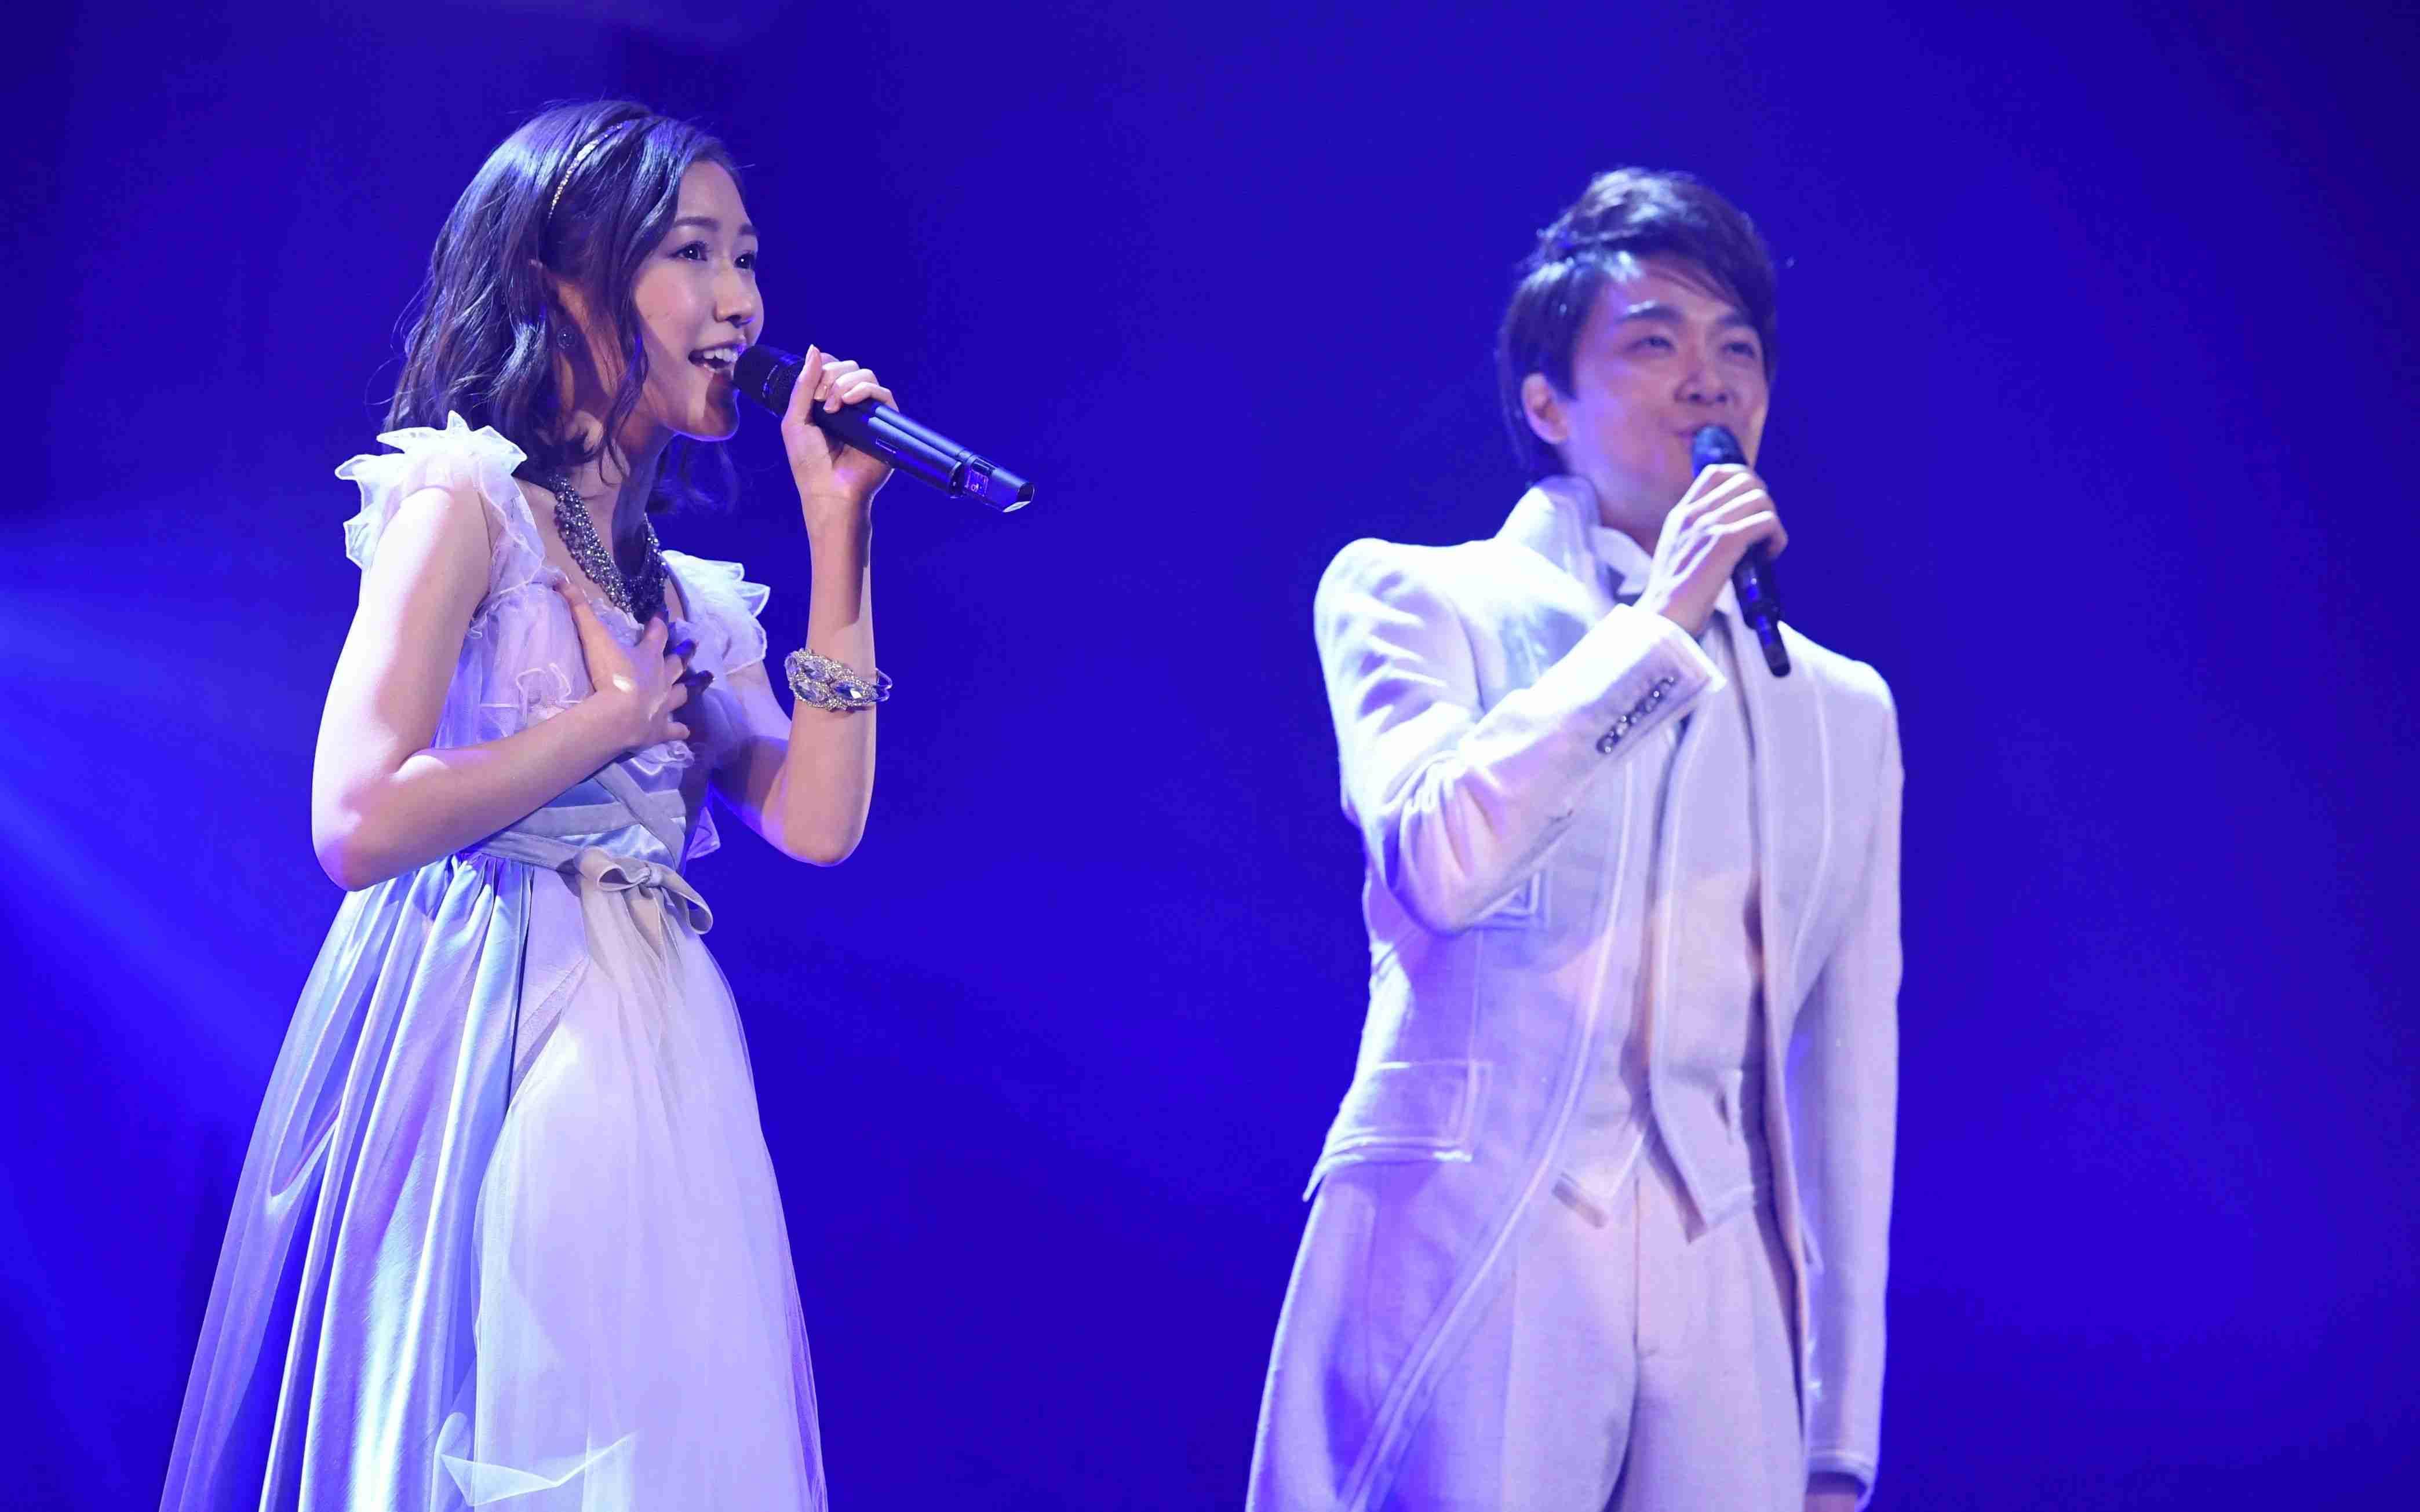 【渡边麻友x井上芳雄】「A Whole New World」第六回AKB48红白对抗歌合战Cut_三次元音乐_音乐_bilibili_哔哩哔哩